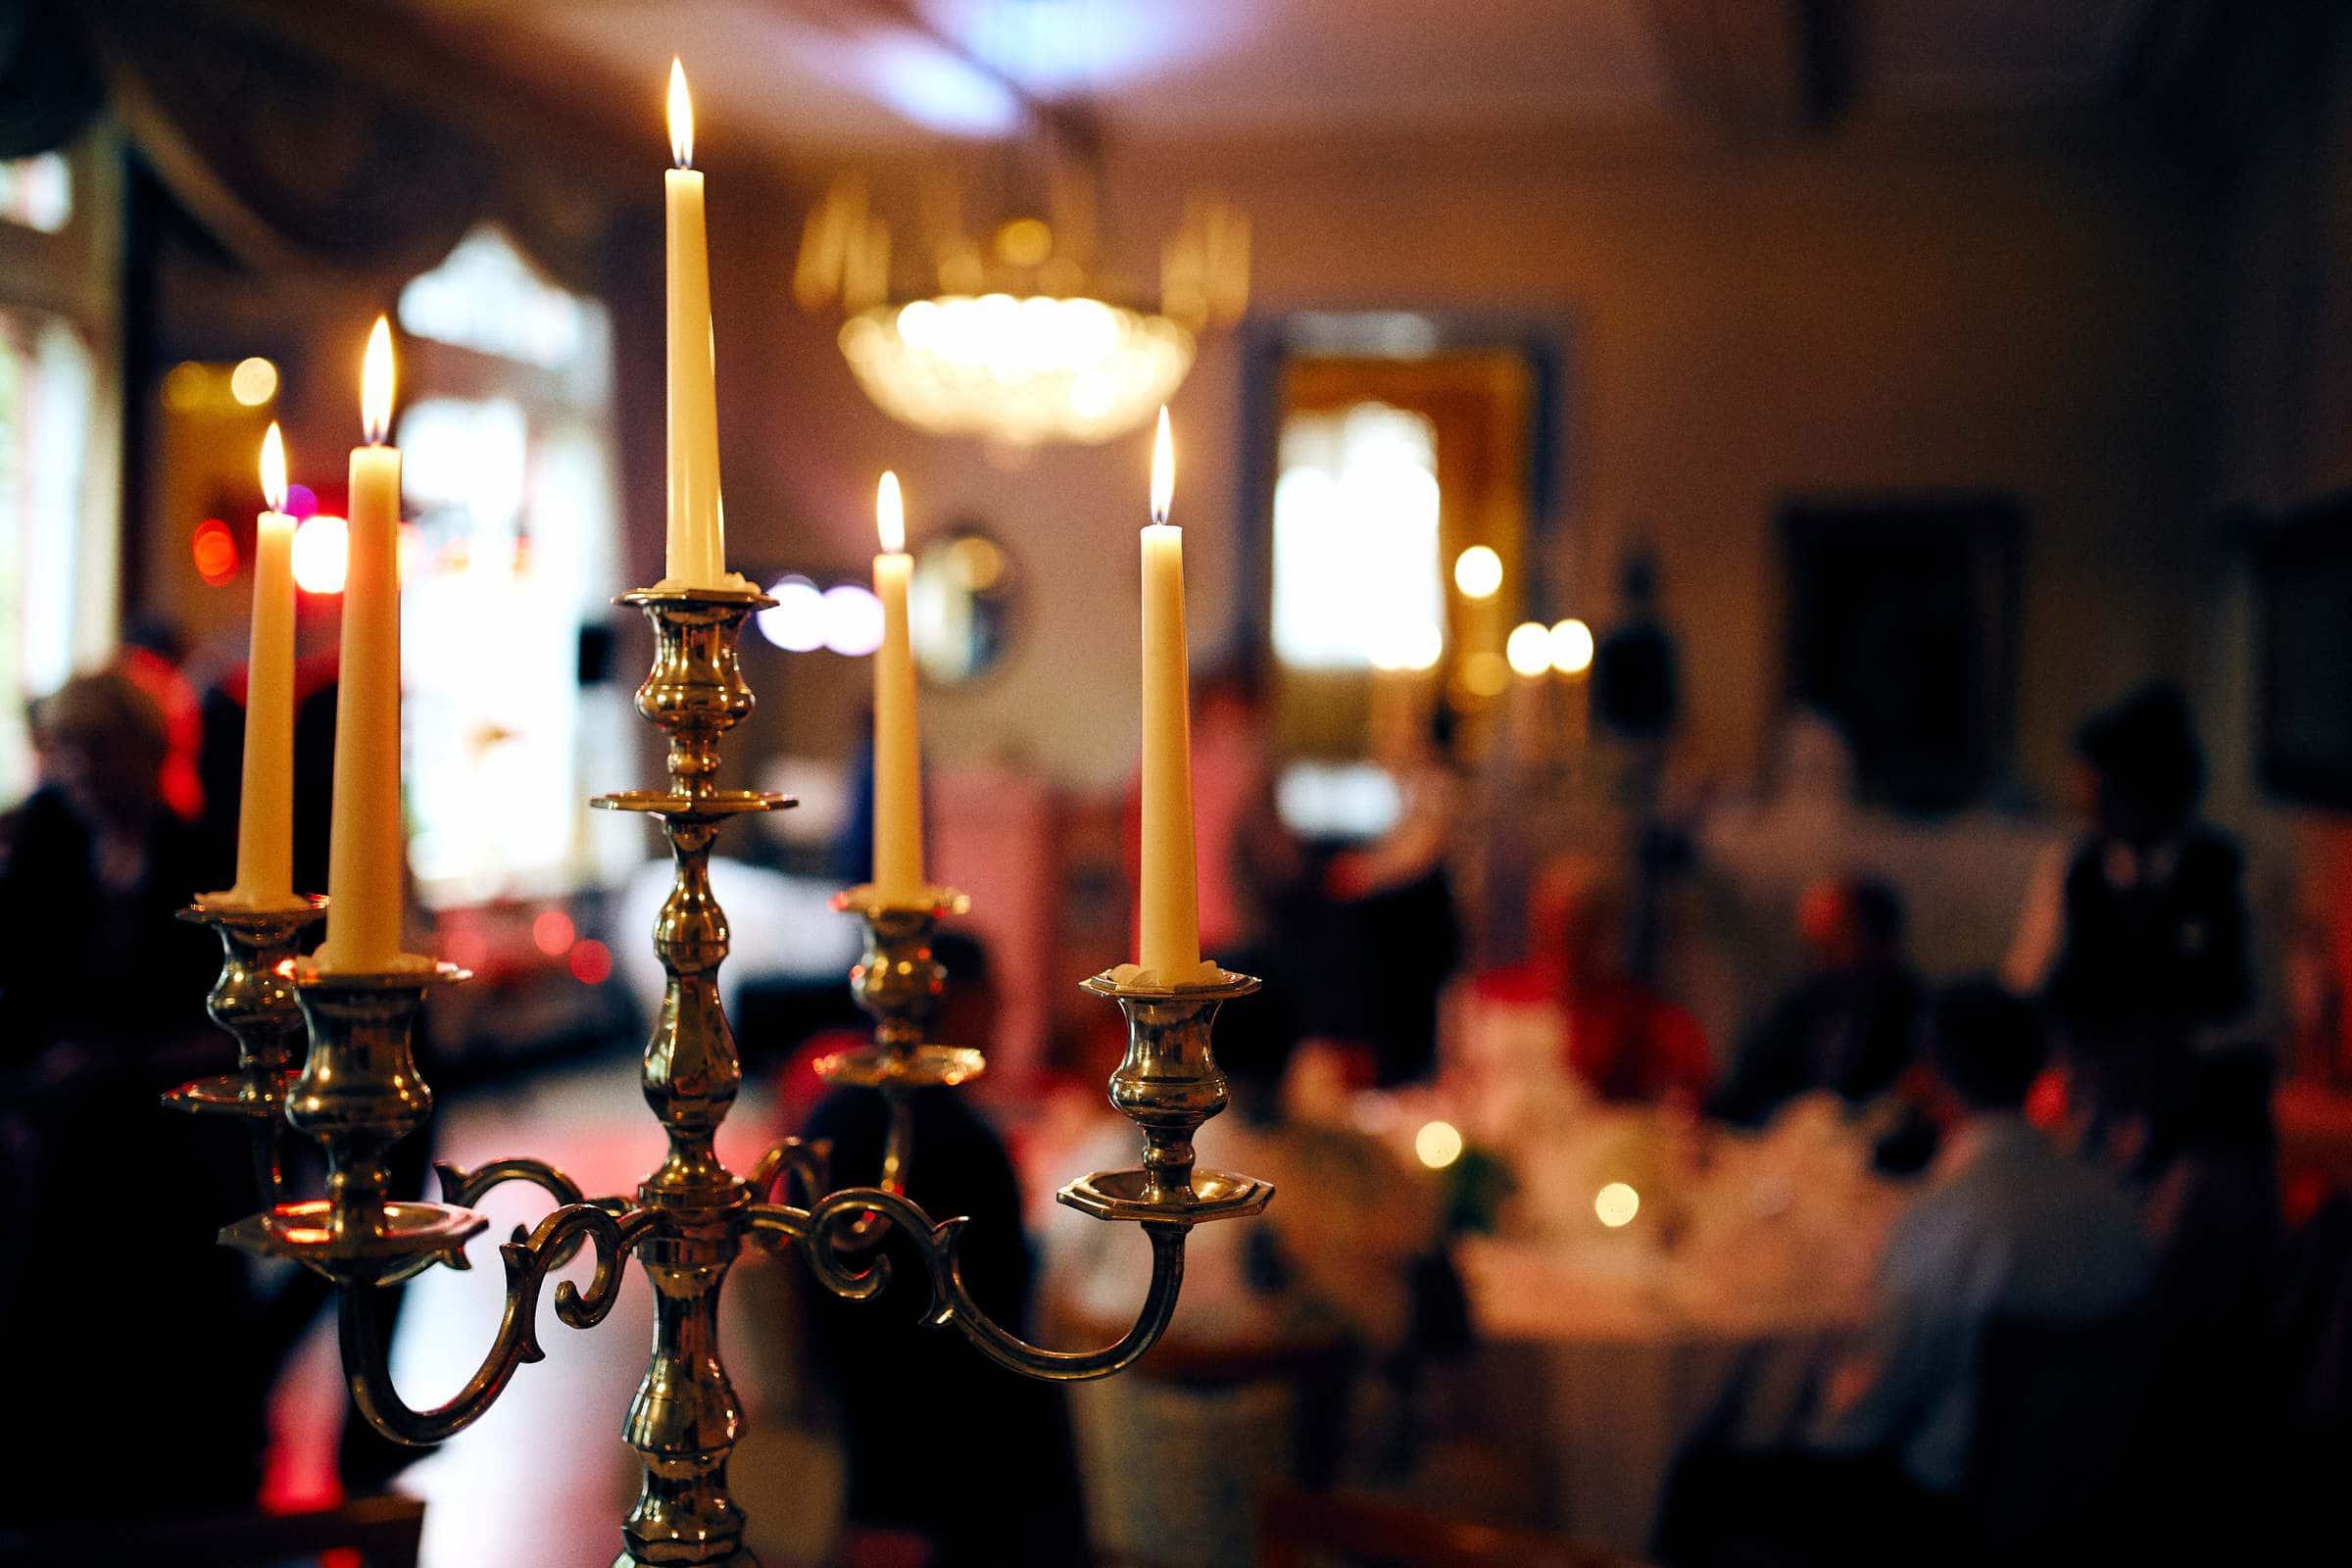 Gesellige Hochzeitsfeier bei Kerzenschein im Weinromantikhotel Richtershof, fotografiert vom Fotograf für Hochzeiten in Trier